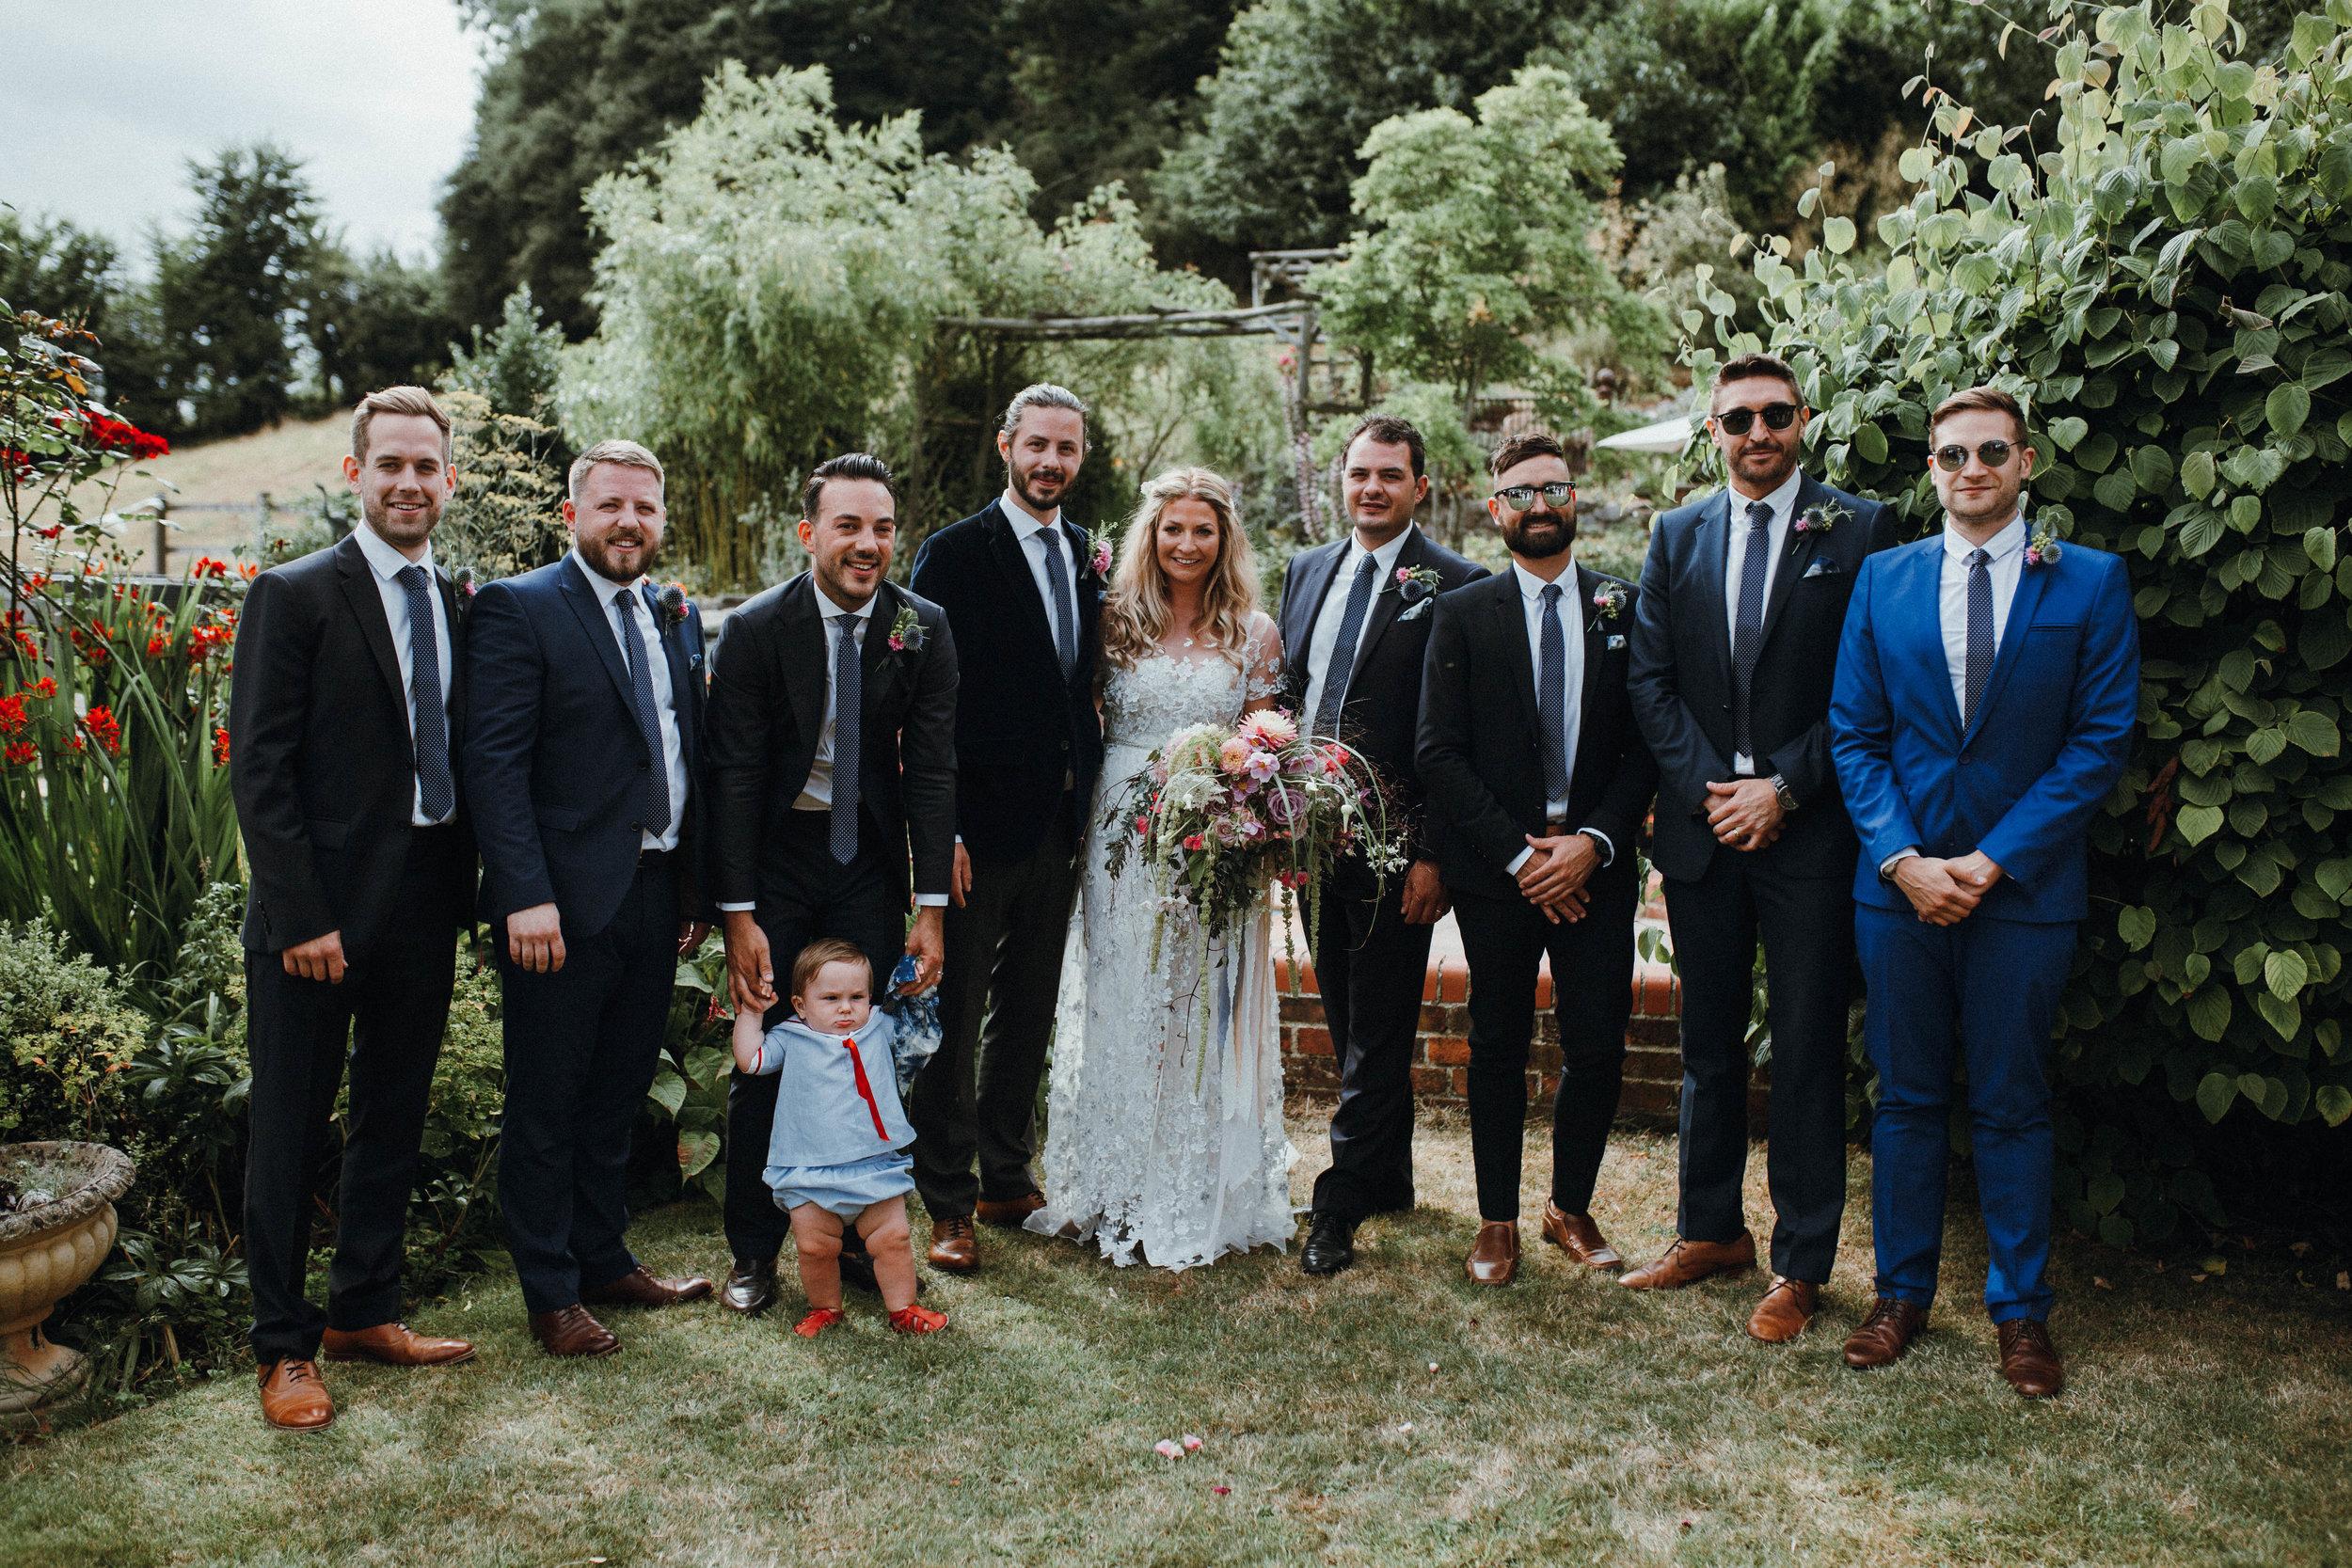 Wedding group shot in garden